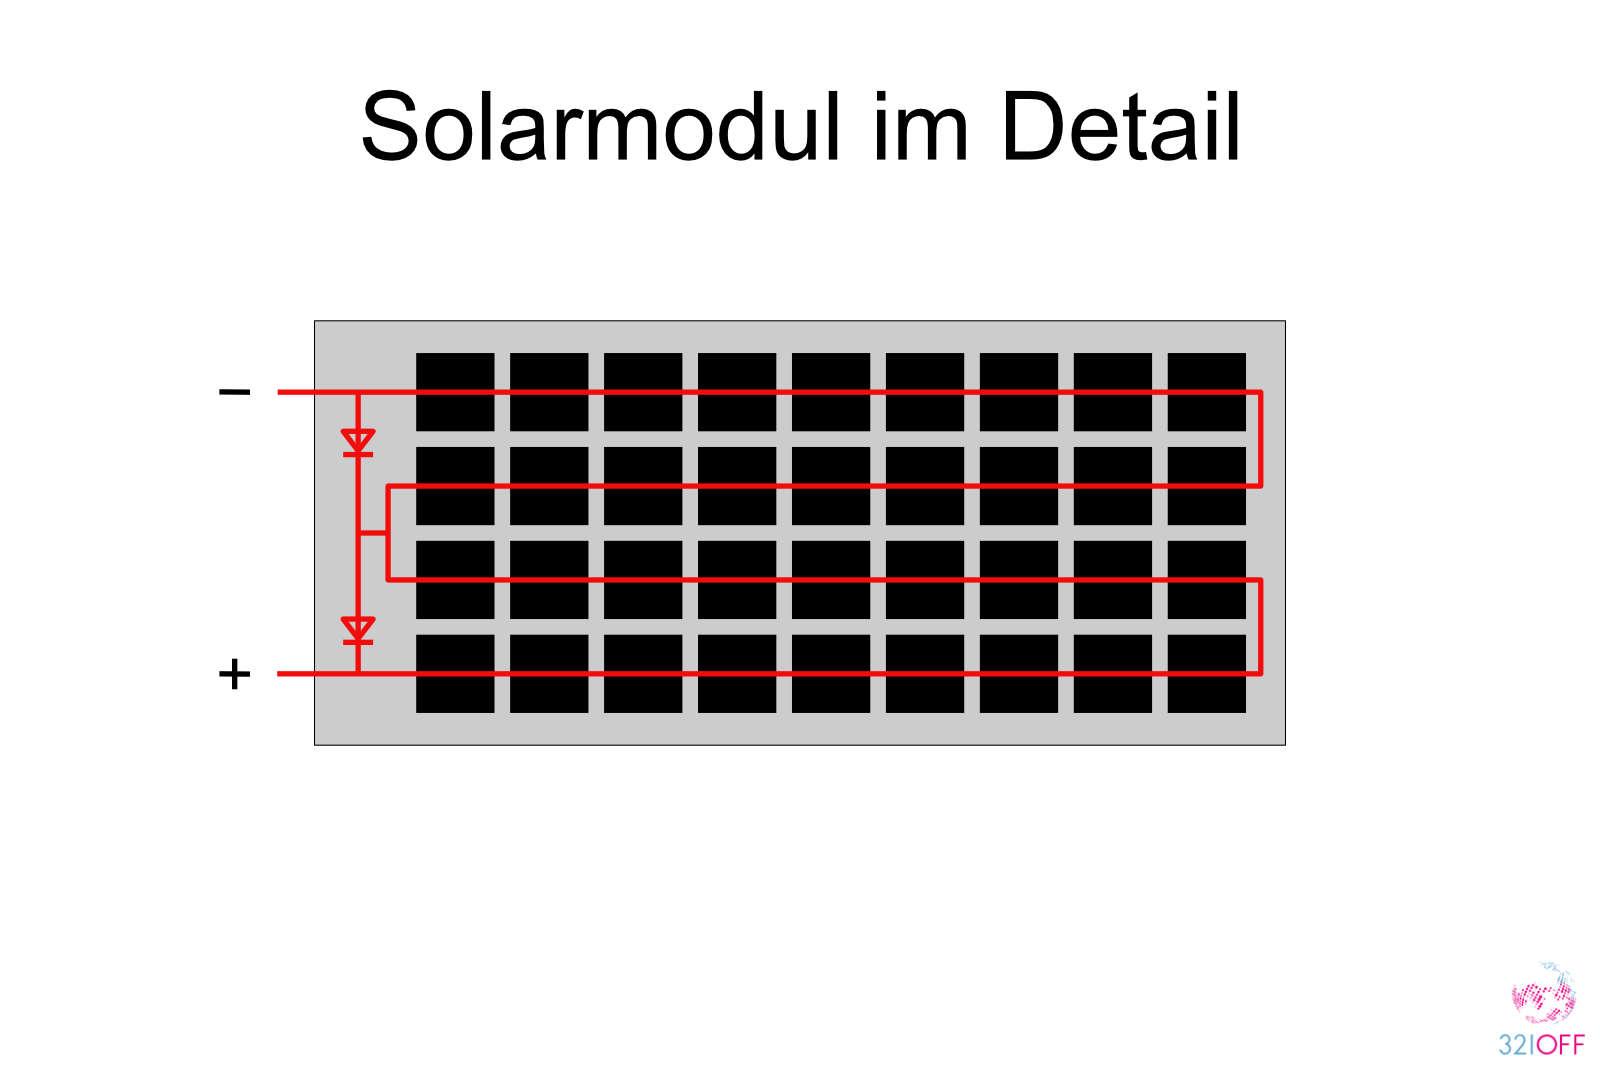 Solarmodul Wohnmobil interne Verschaltung